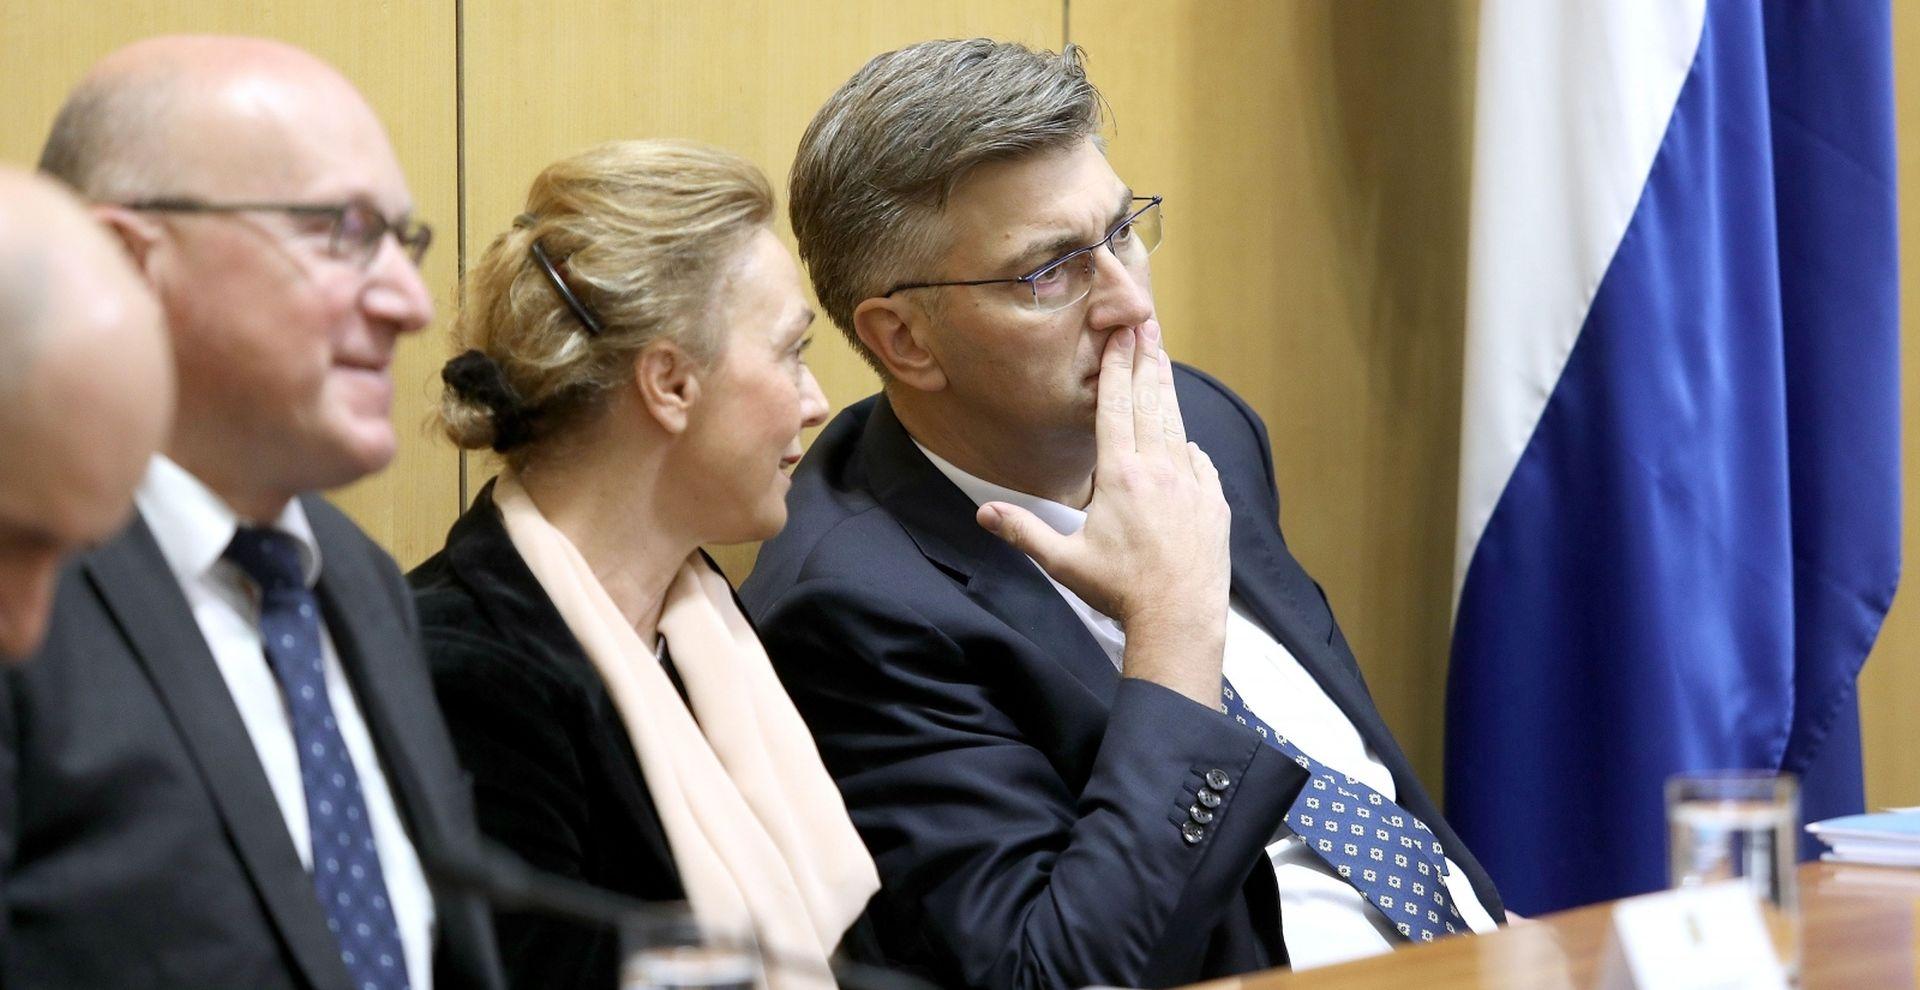 AKTUALNO PRIJEPODNE Plenković odgovara na pitanja, nova svađa s Marasom